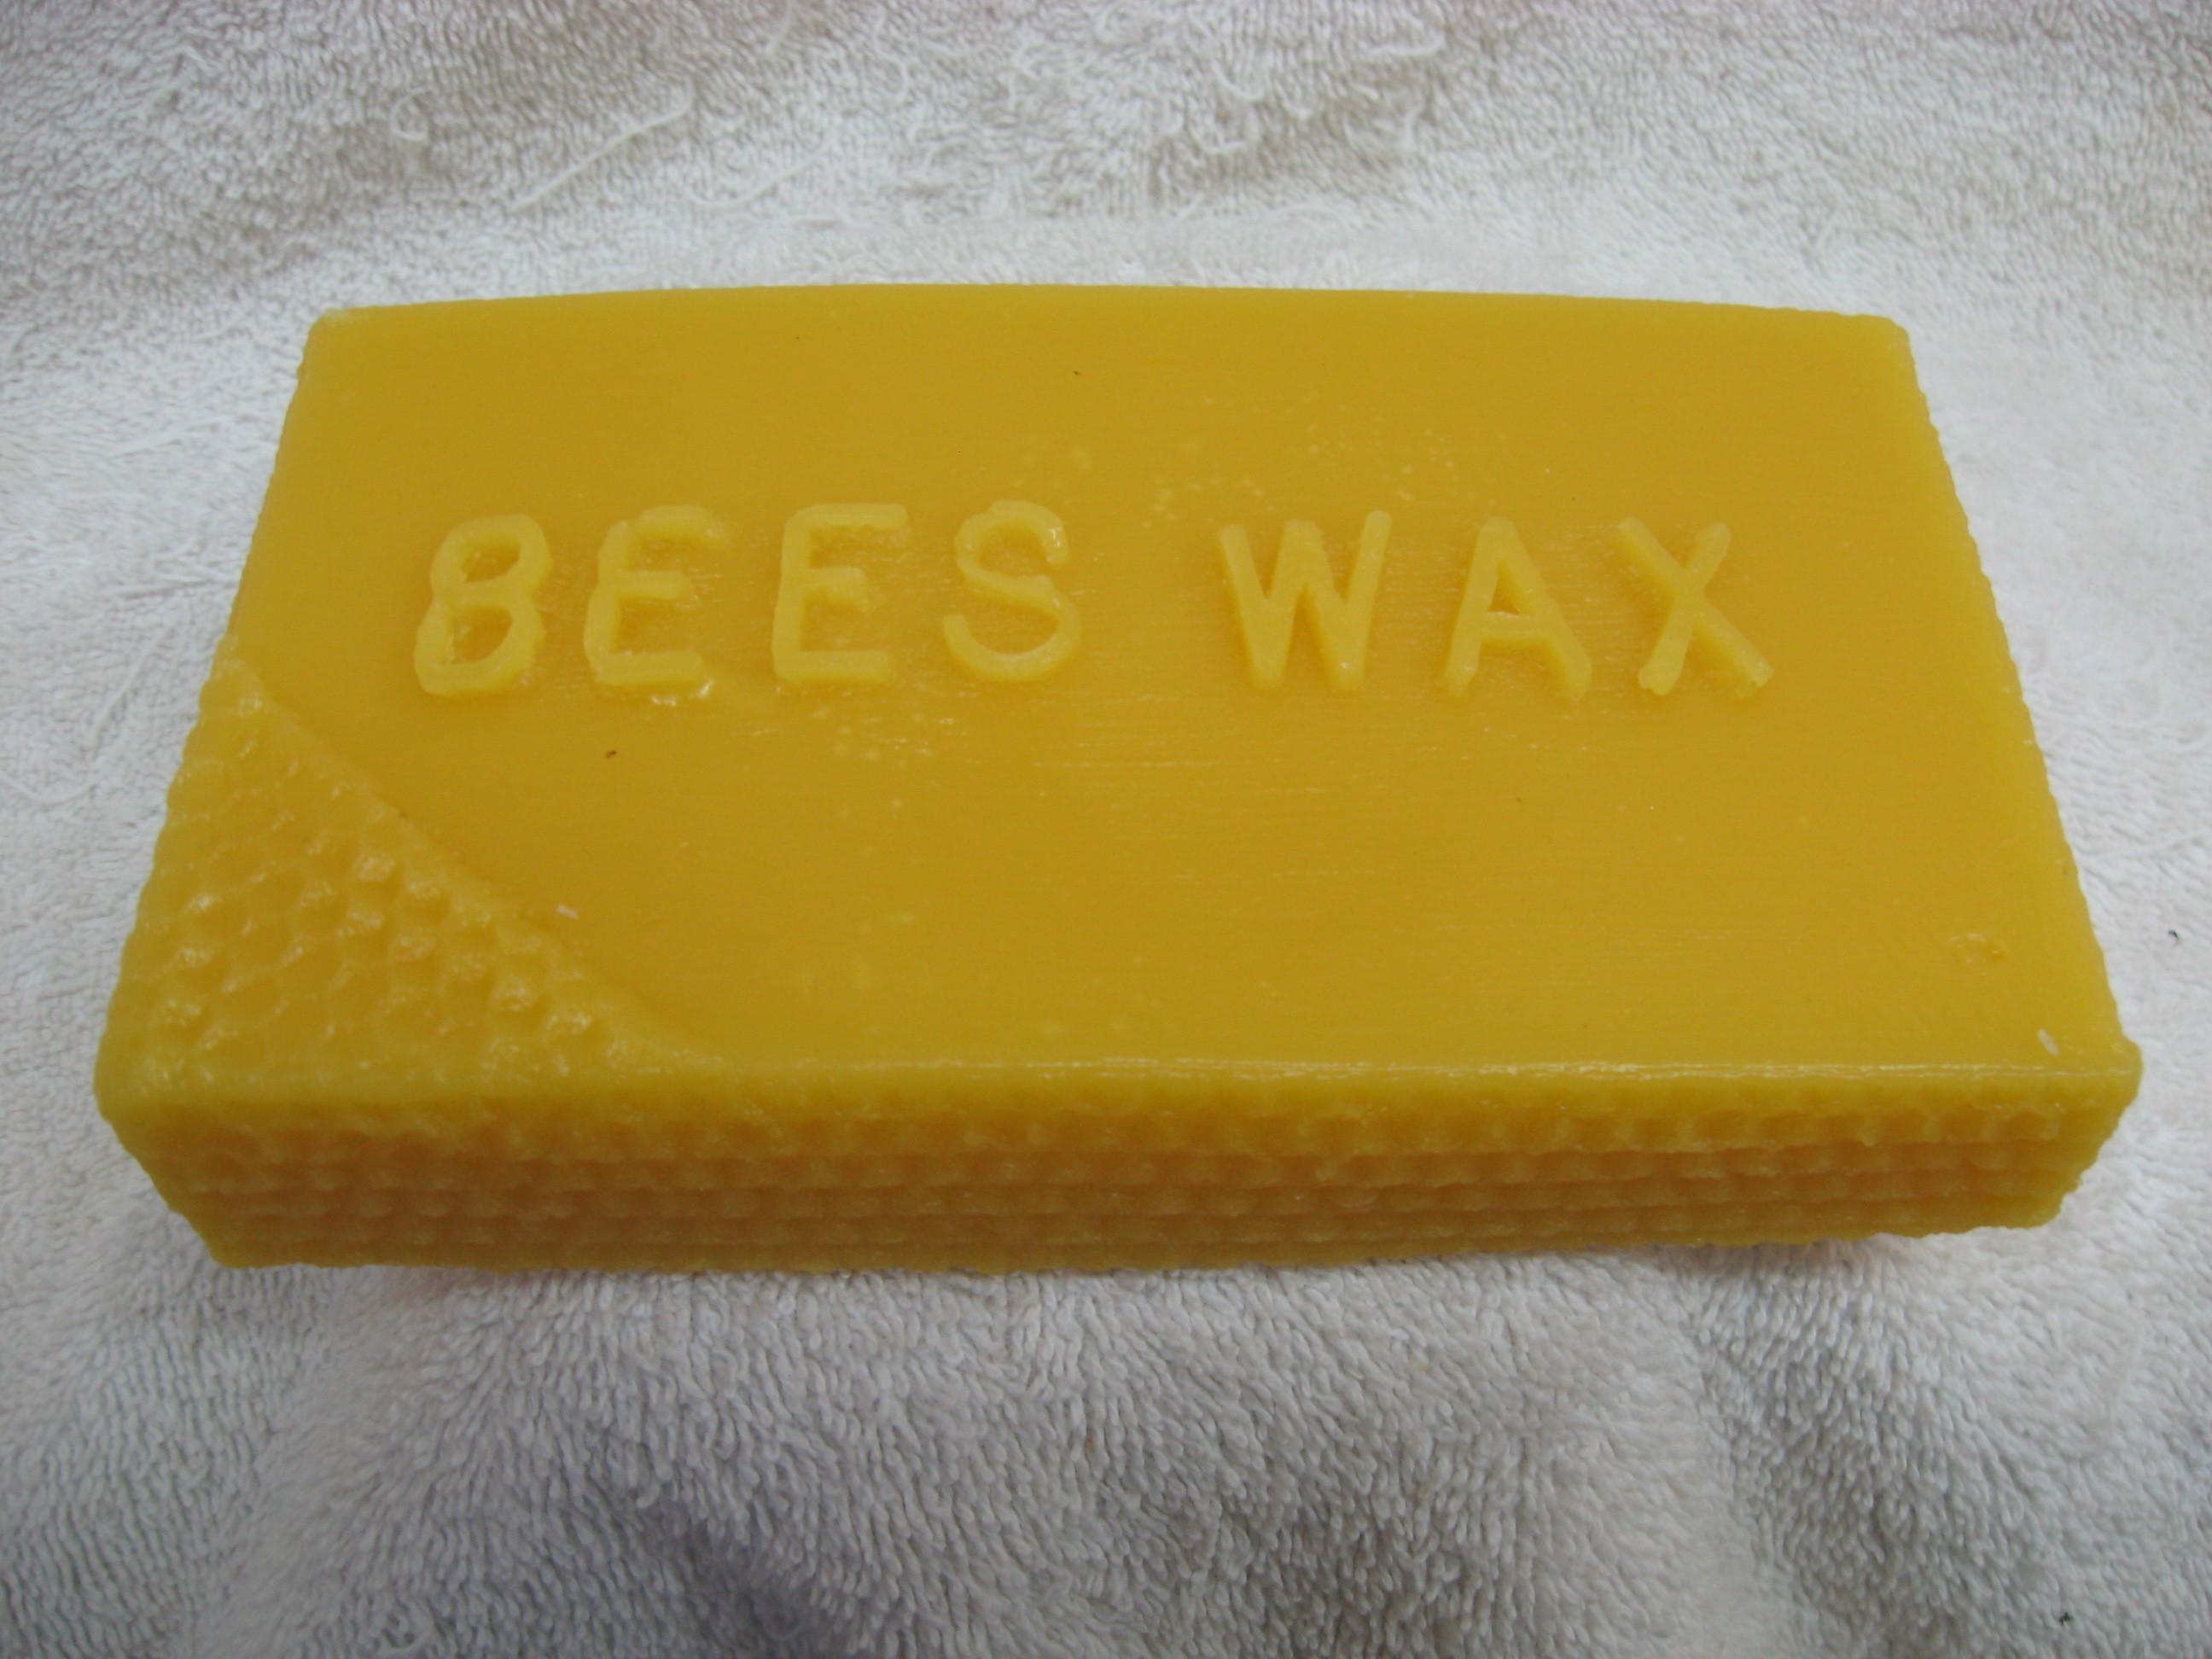 1 lbs. Block Bees Wax 1lbBWax